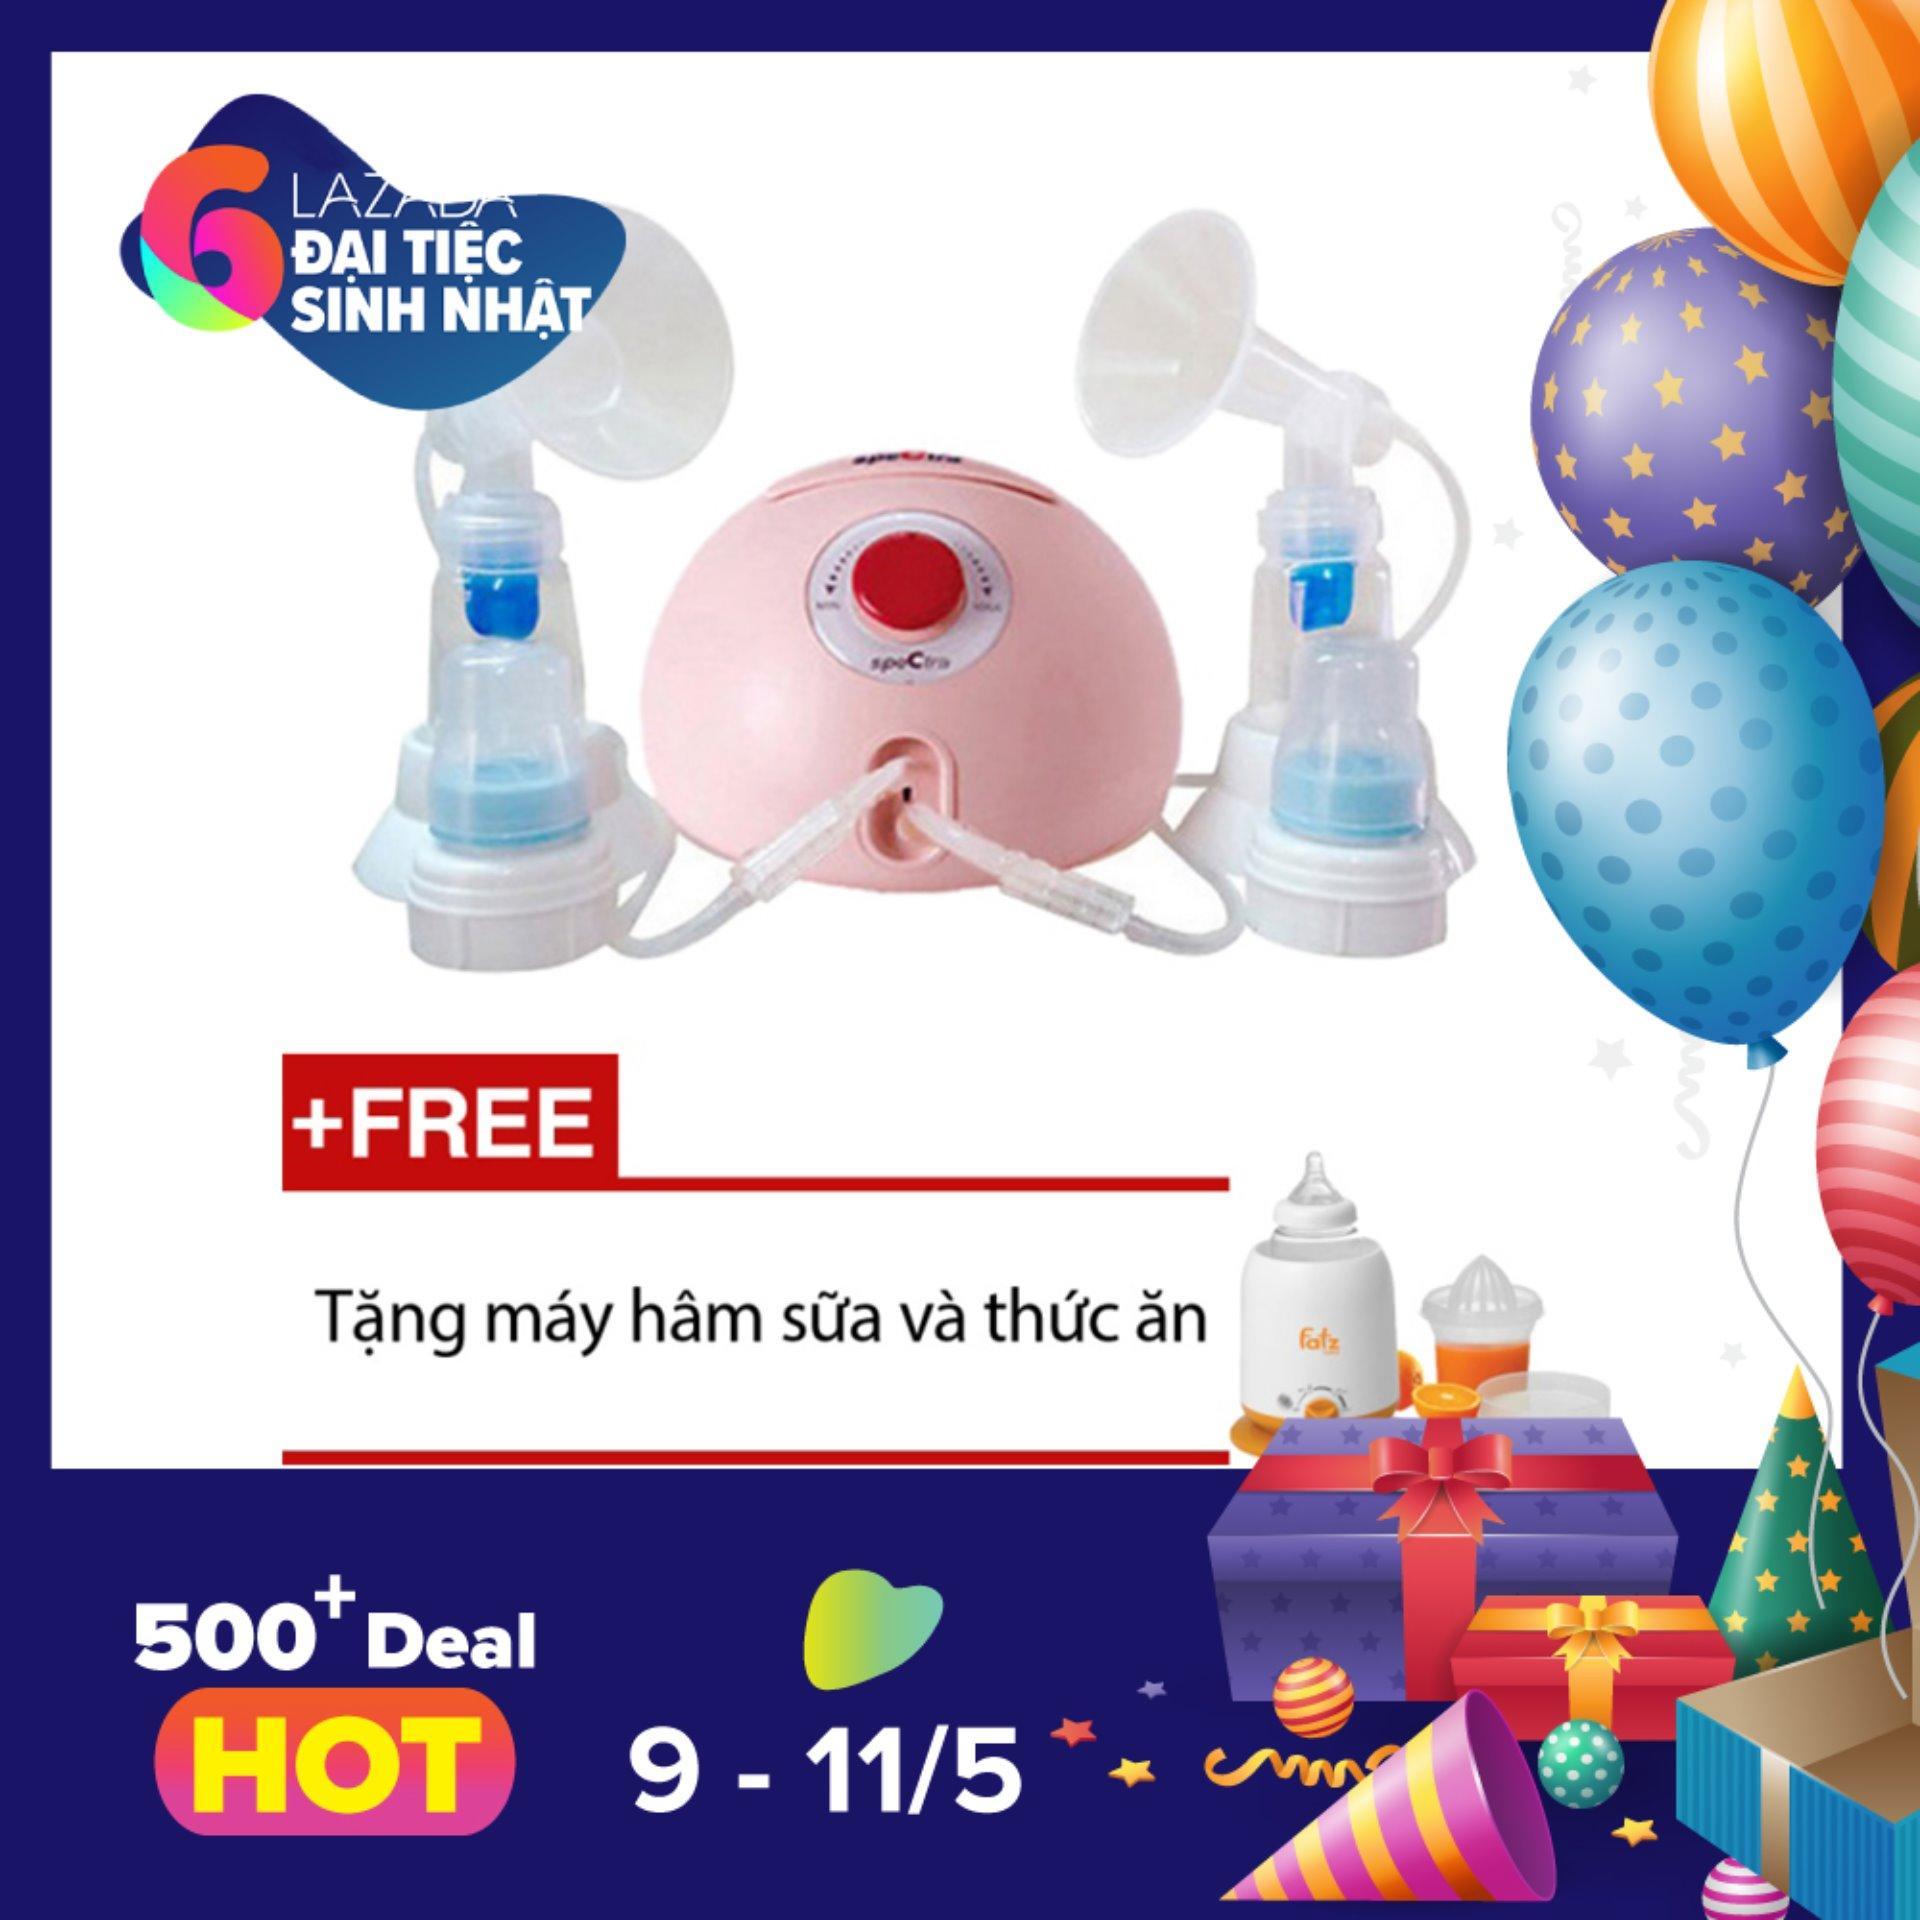 Giá Bán May Hut Sữa Spectra Dew 350 Hồng Tặng 1 May Ham Sữa Va Thức Ăn Fatz Baby Fb3002Sl Nguyên